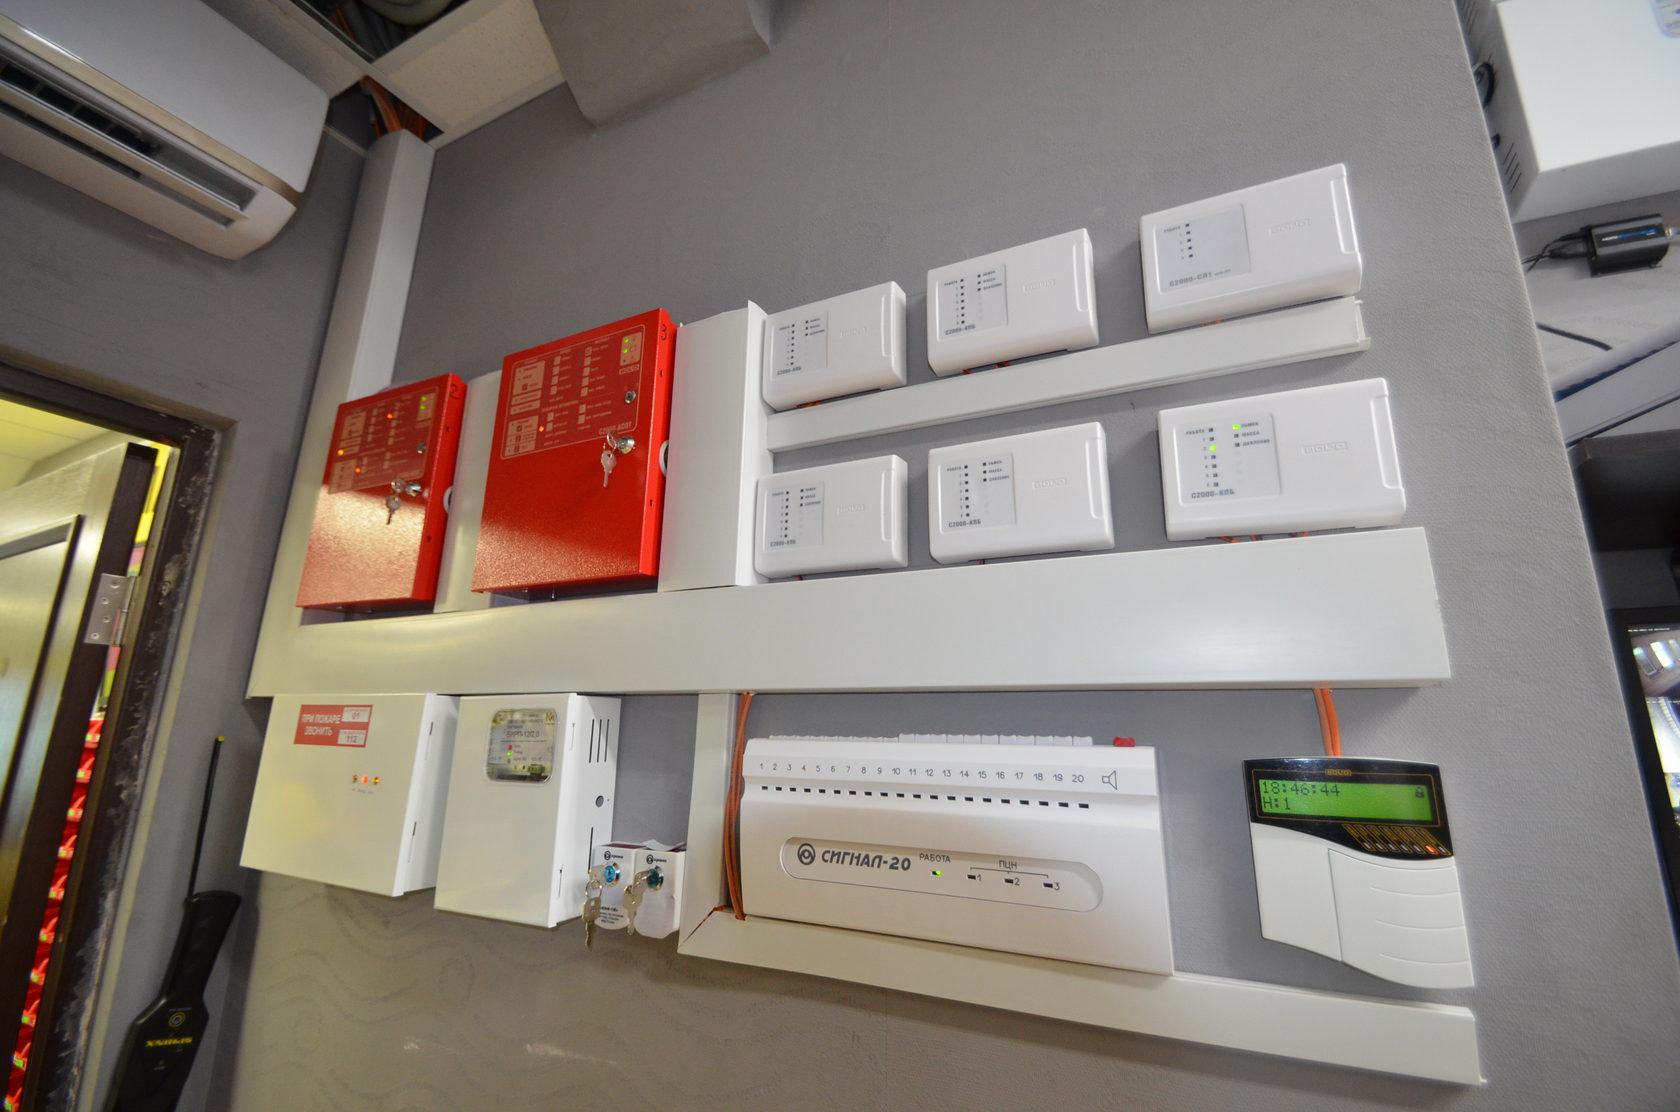 Каждая системы защиты имеет оборудование для контроля и управления. Обычно оно выносится в отдельные помещения.